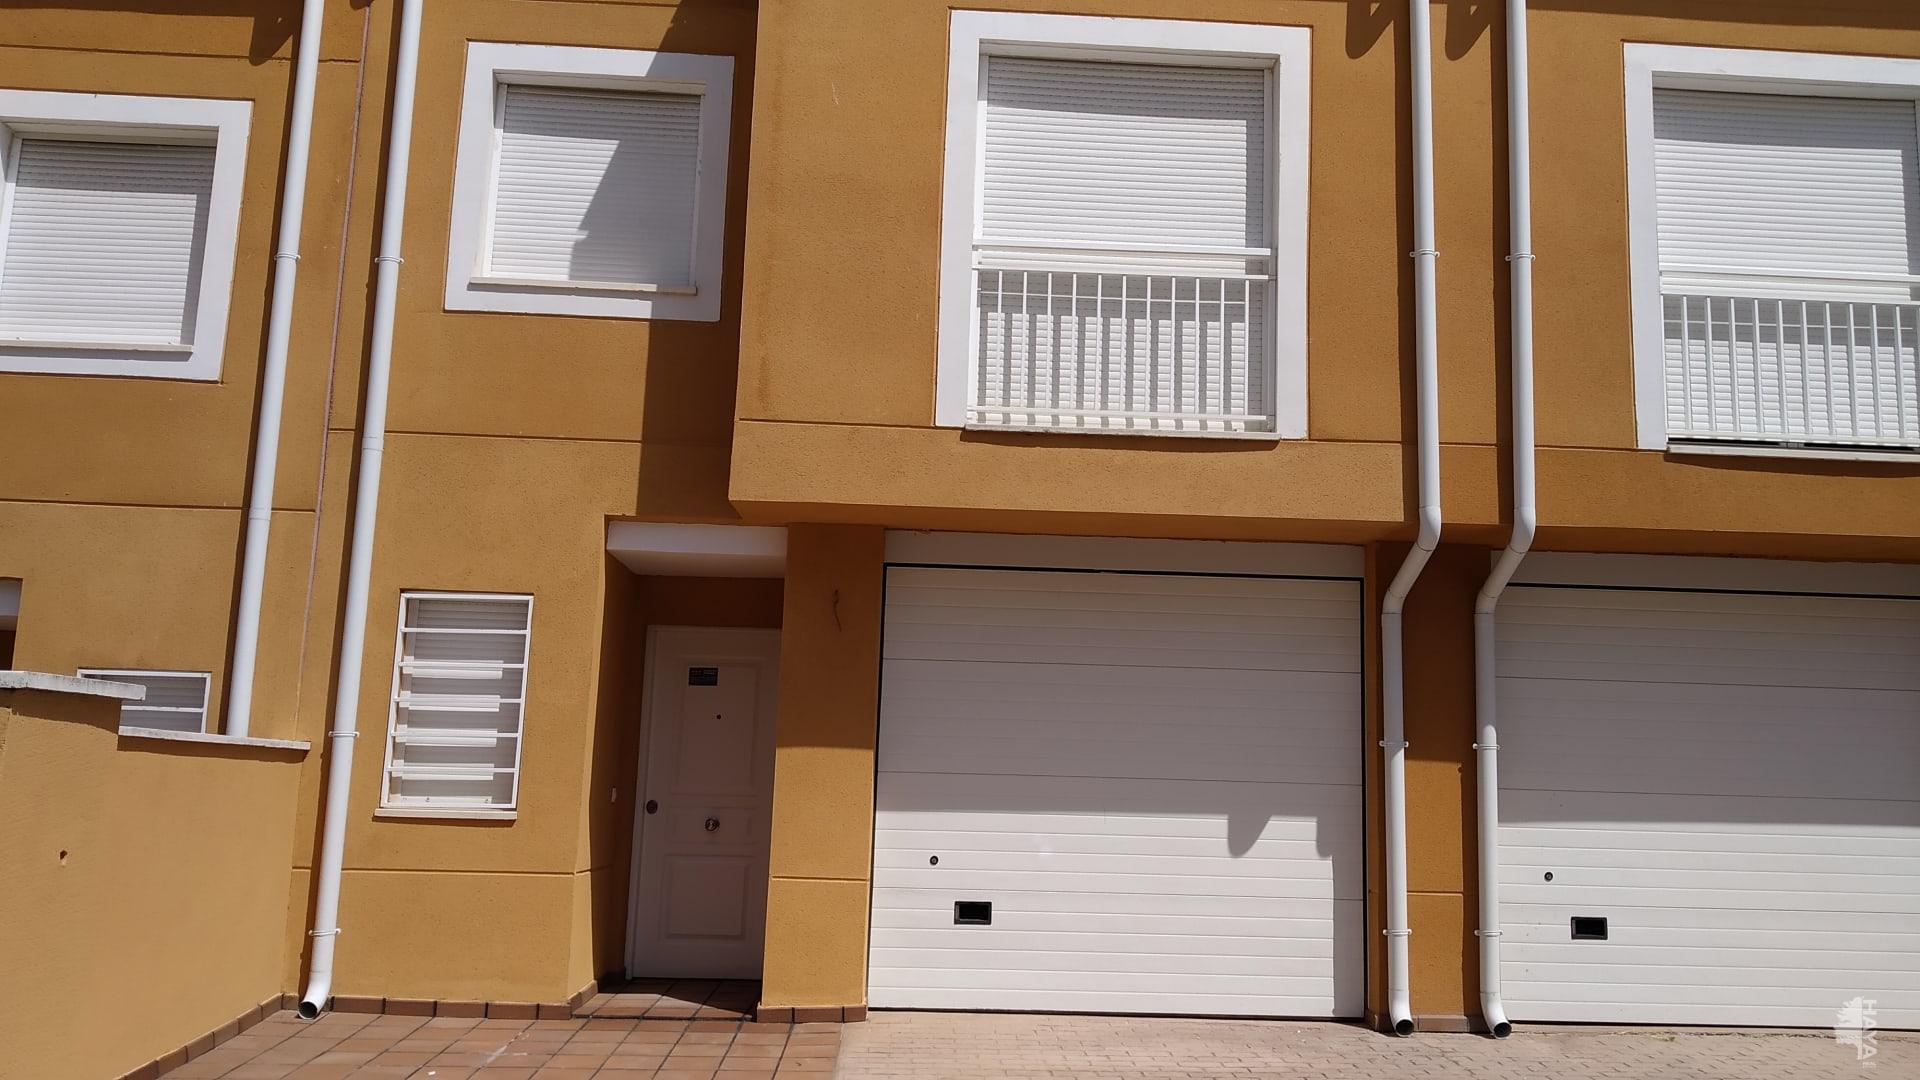 Casa en venta en Cuéllar, Segovia, Camino de Escarabajosa, 183.000 €, 3 habitaciones, 1 baño, 273 m2